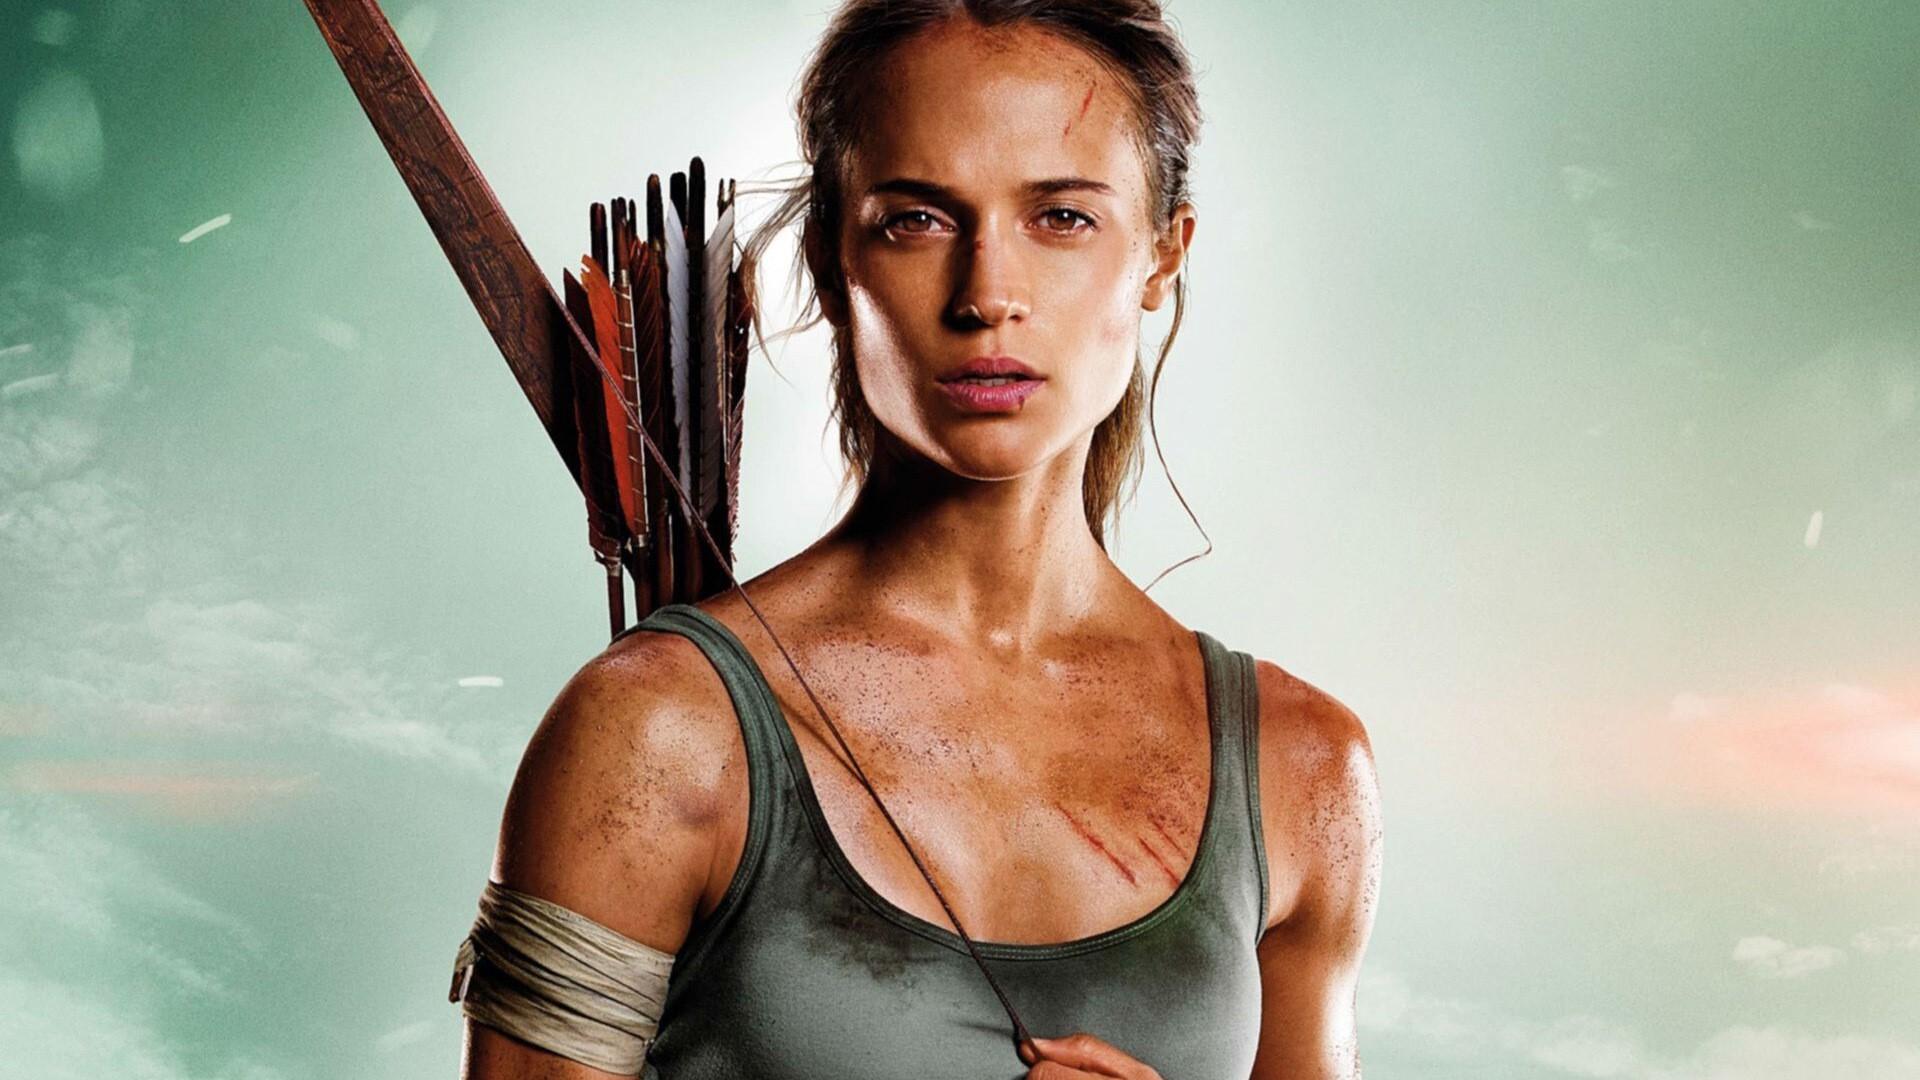 Tomb Raider Film 2018 HD Wallpaper   HD Wallpapers